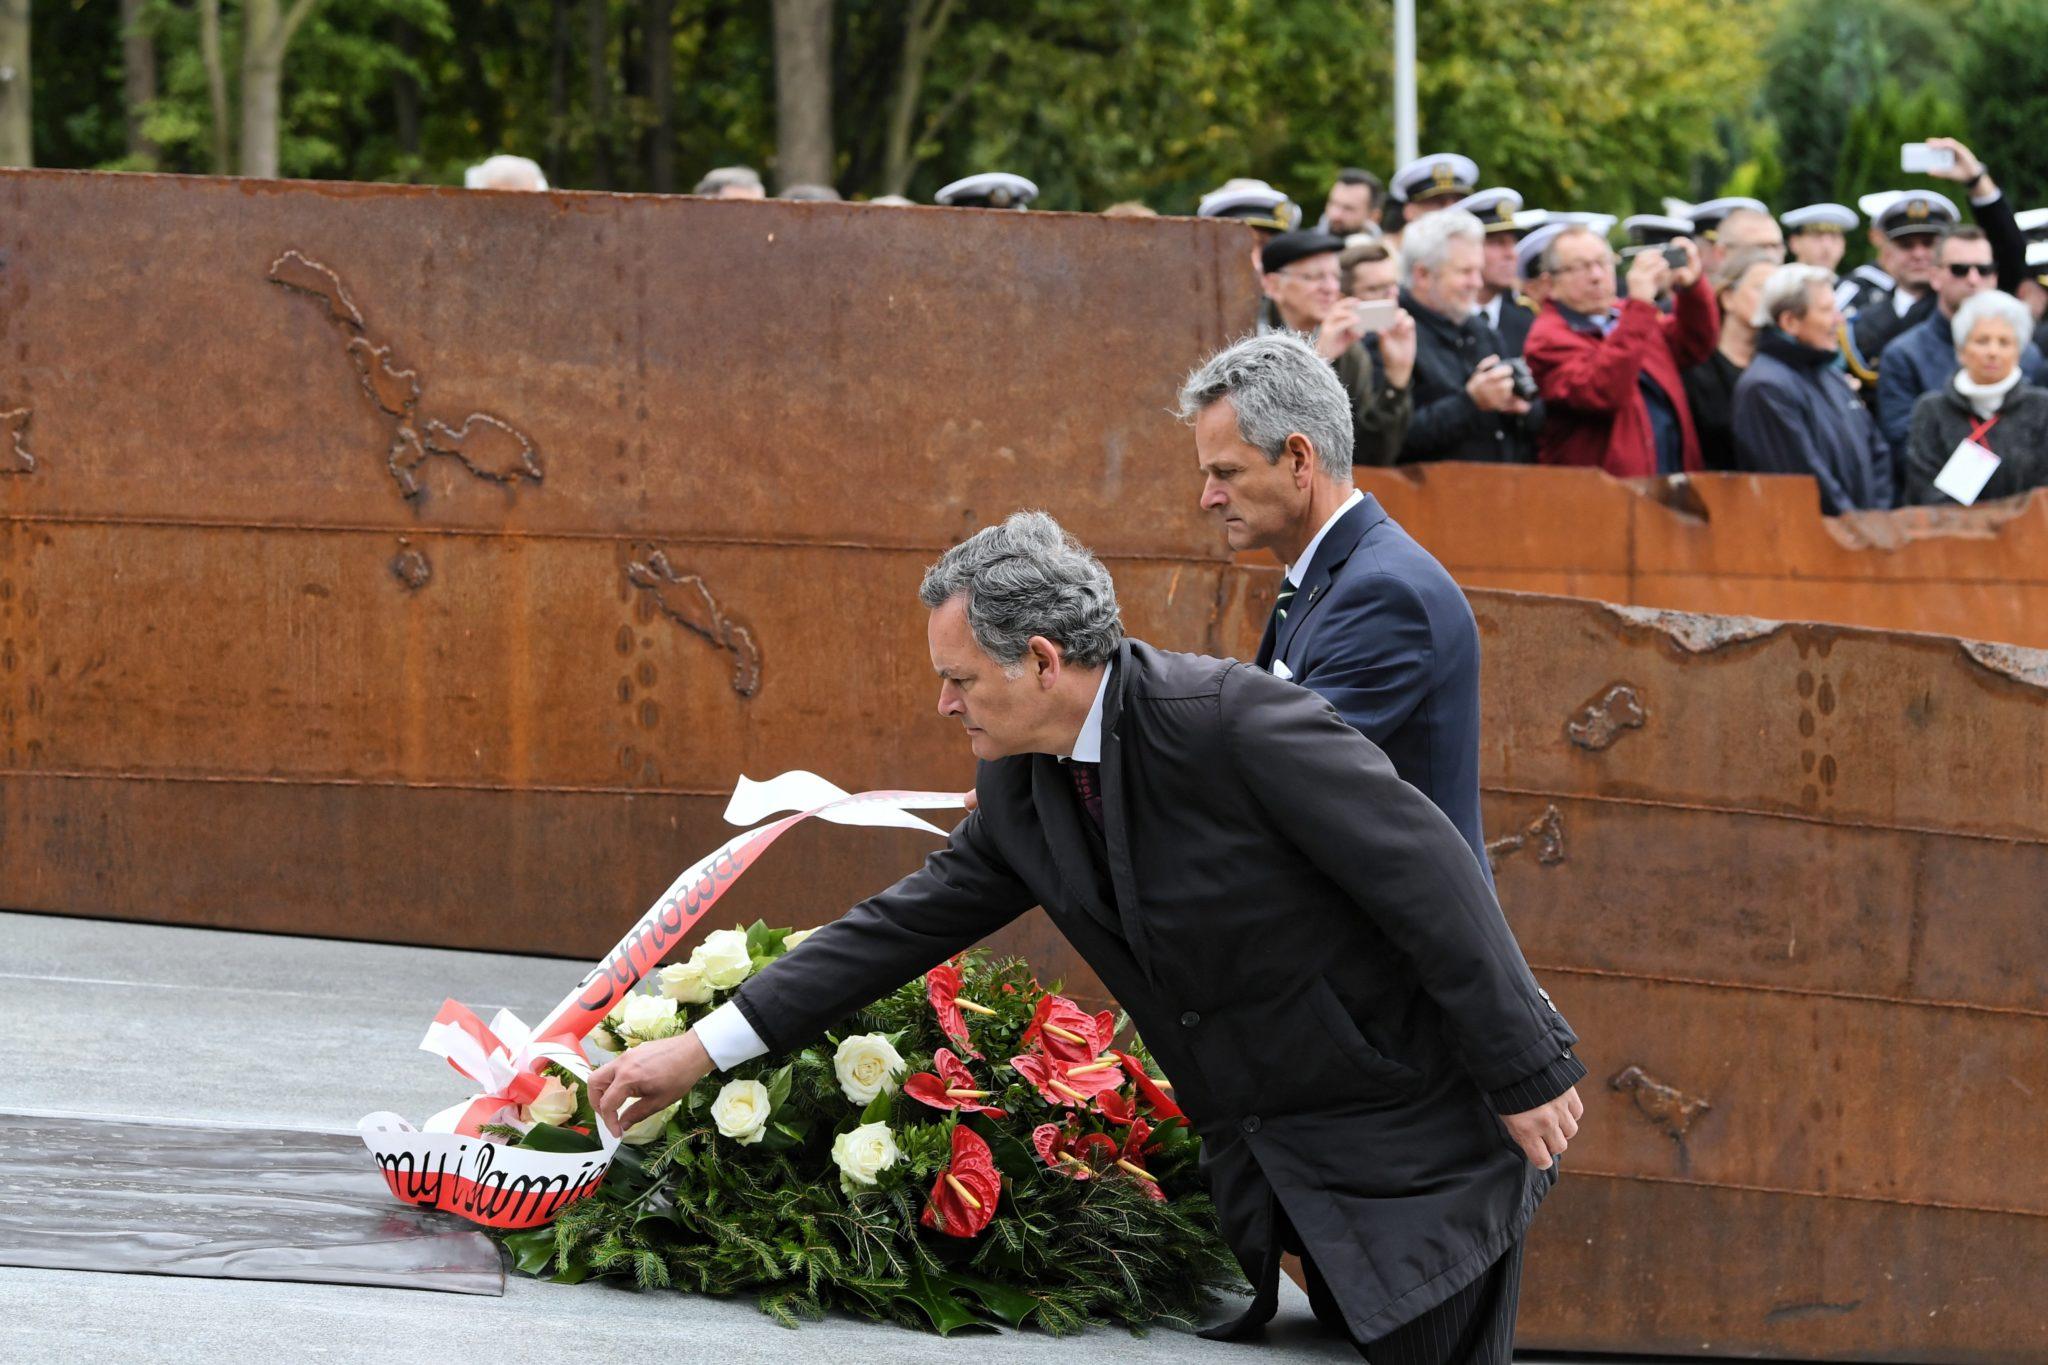 Kondukt żałobny wyruszył po mszy świętej w kościele Marynarki Wojennej RP pw. Matki Boskiej Częstochowskiej w Gdyni Oksywiu